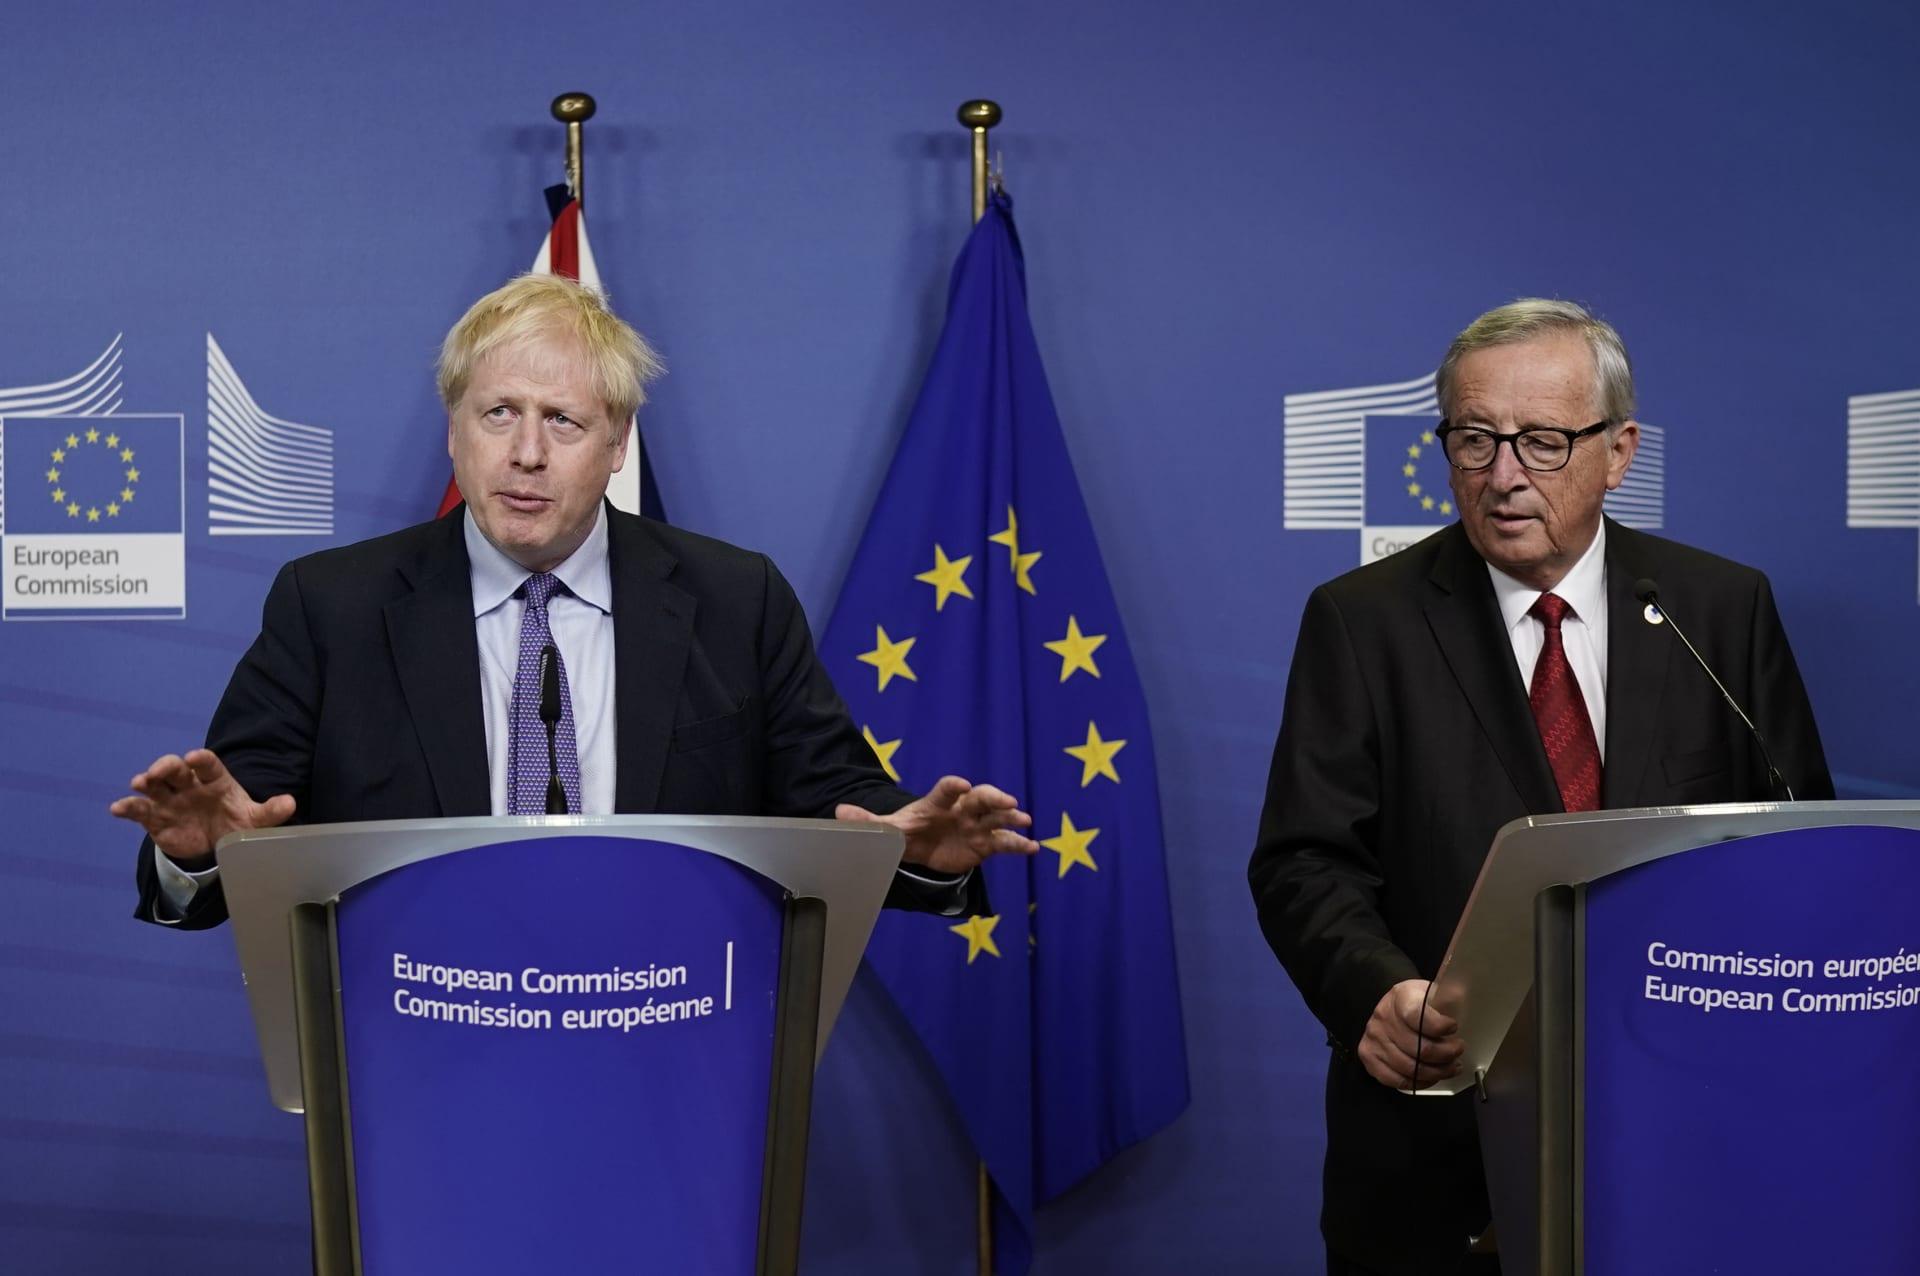 بريطانيا والاتحاد الأوروبي يعلنان التوصل لاتفاق جديد للبريكست